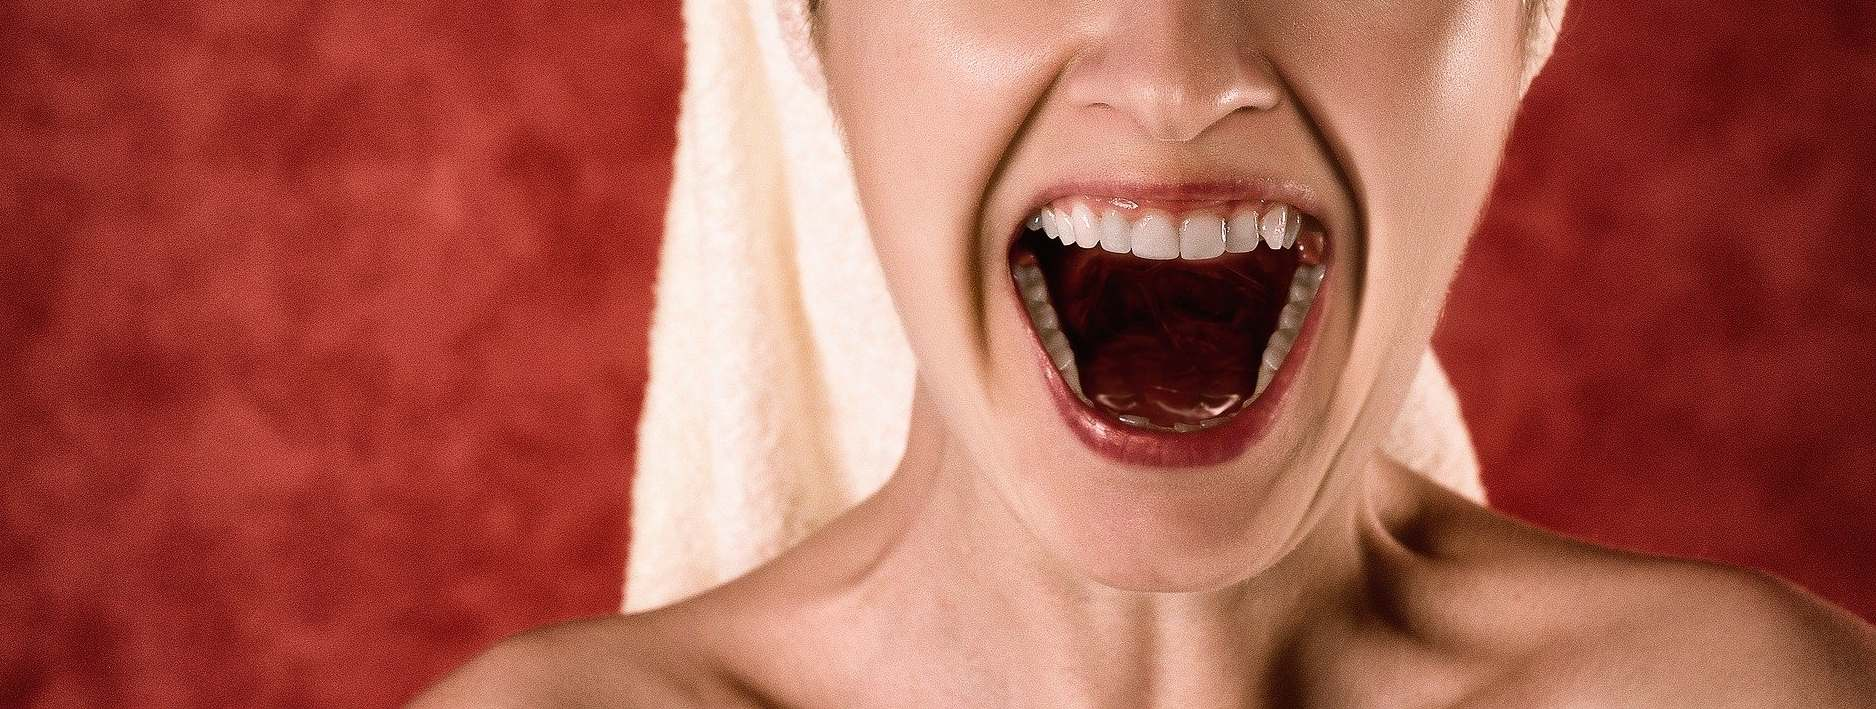 Натрупването на зъбен камък